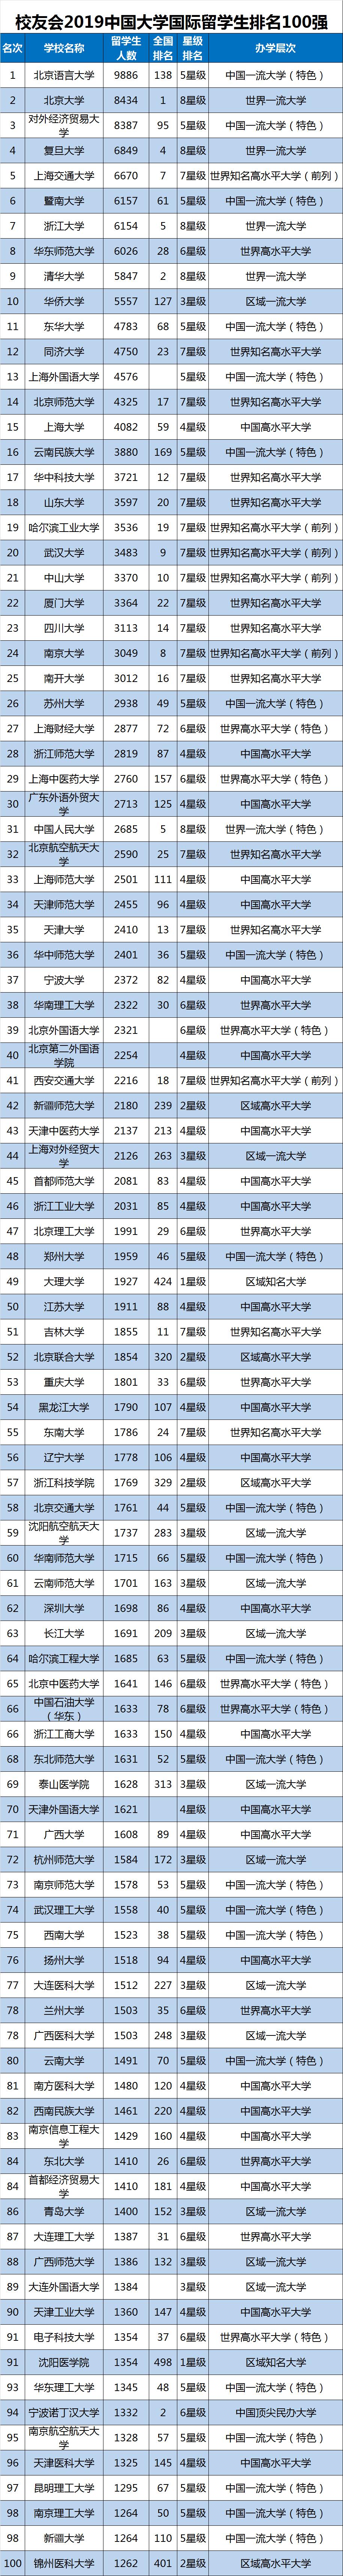 中国高校留学生数量排名,山东大学排名18,人数超三千!